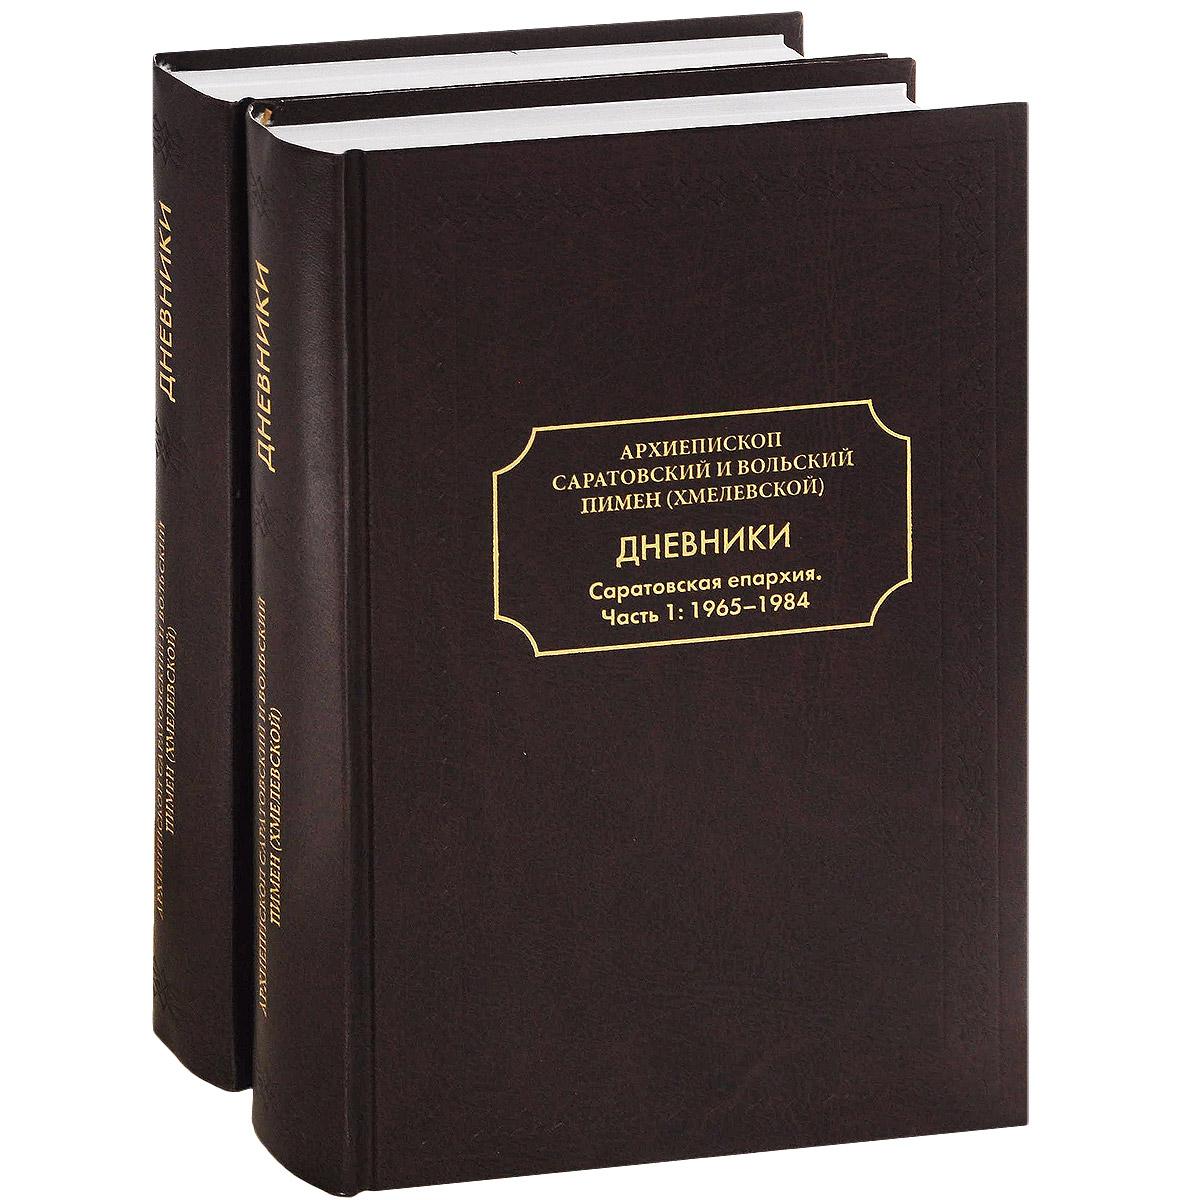 Дневники. Саратовская епархия. В 2 частях (комплект из 2 книг)